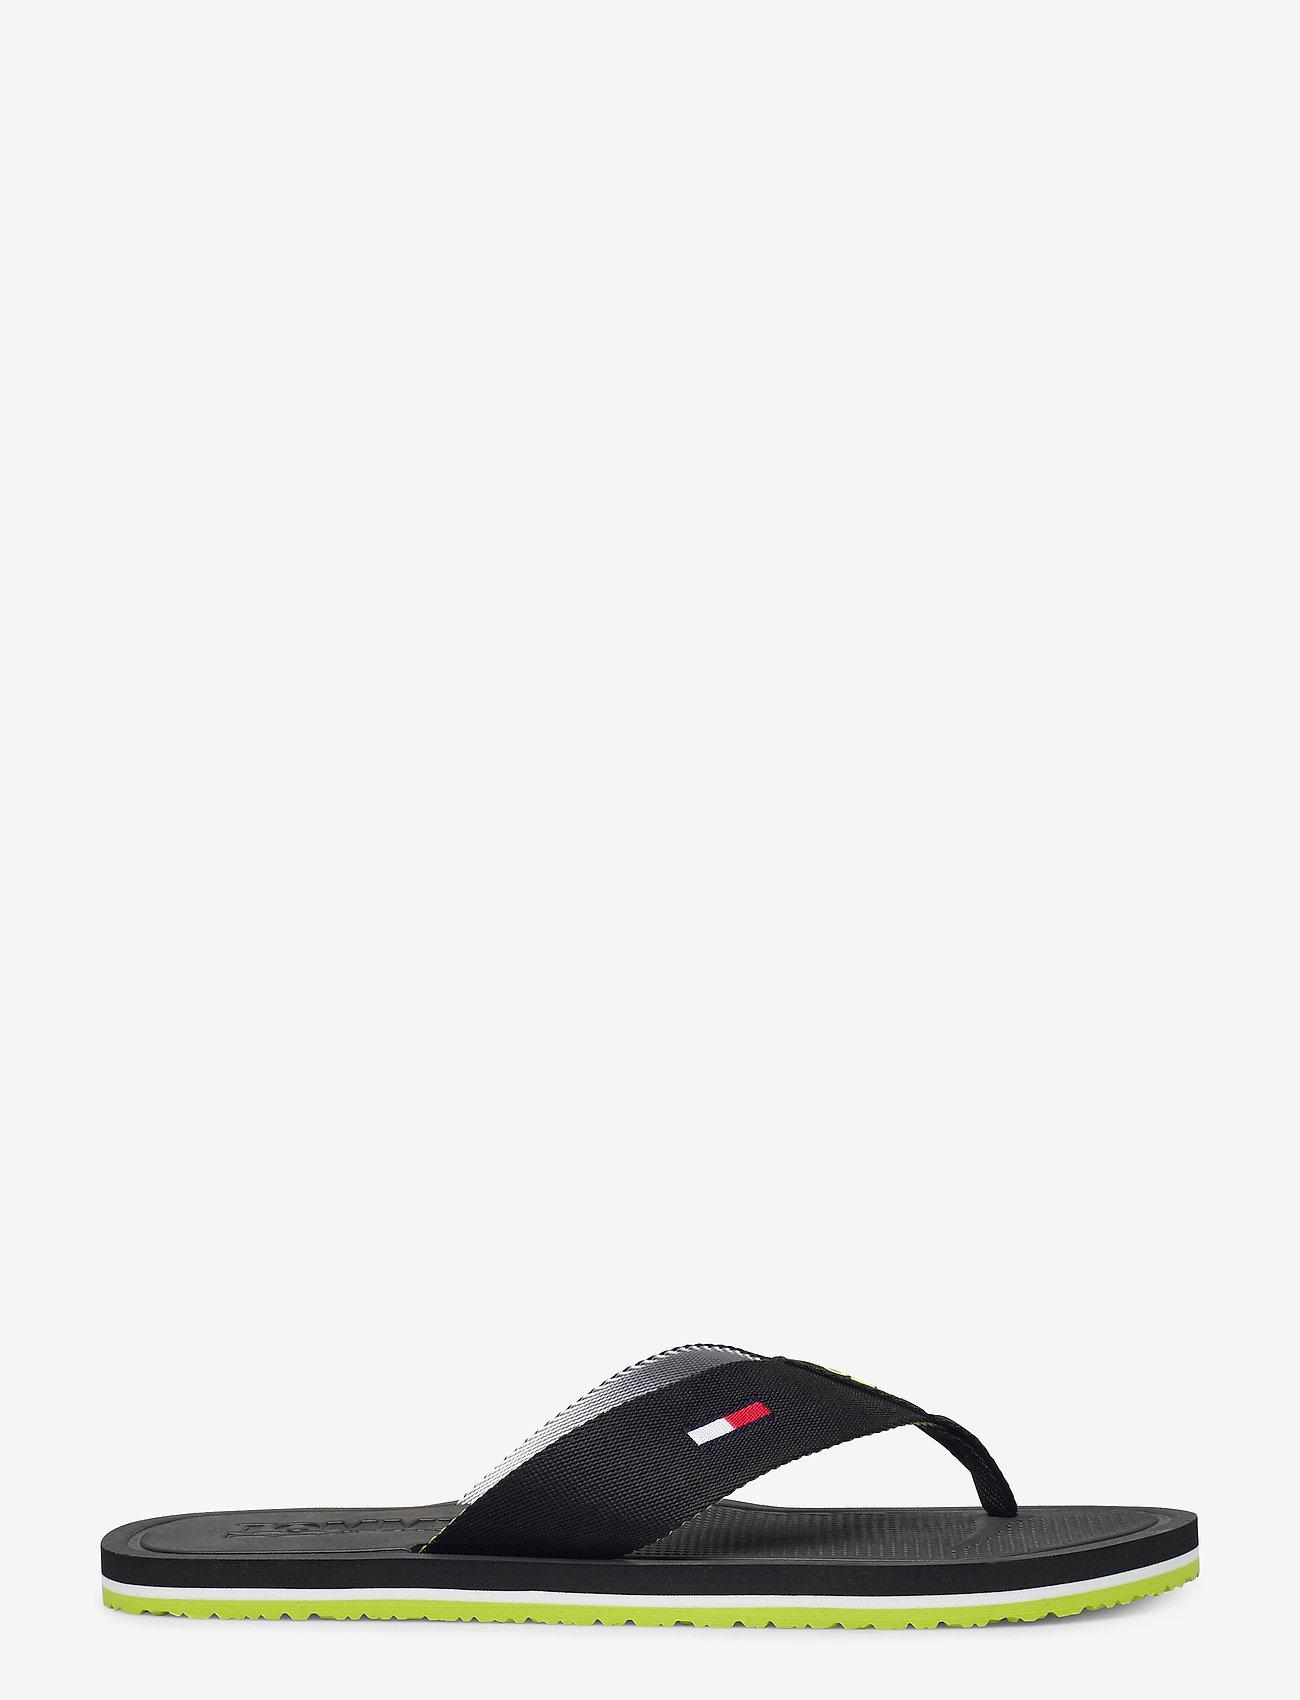 Tommy Hilfiger - COMFORT FOOTBED BEAC - flip-flops - black - 1